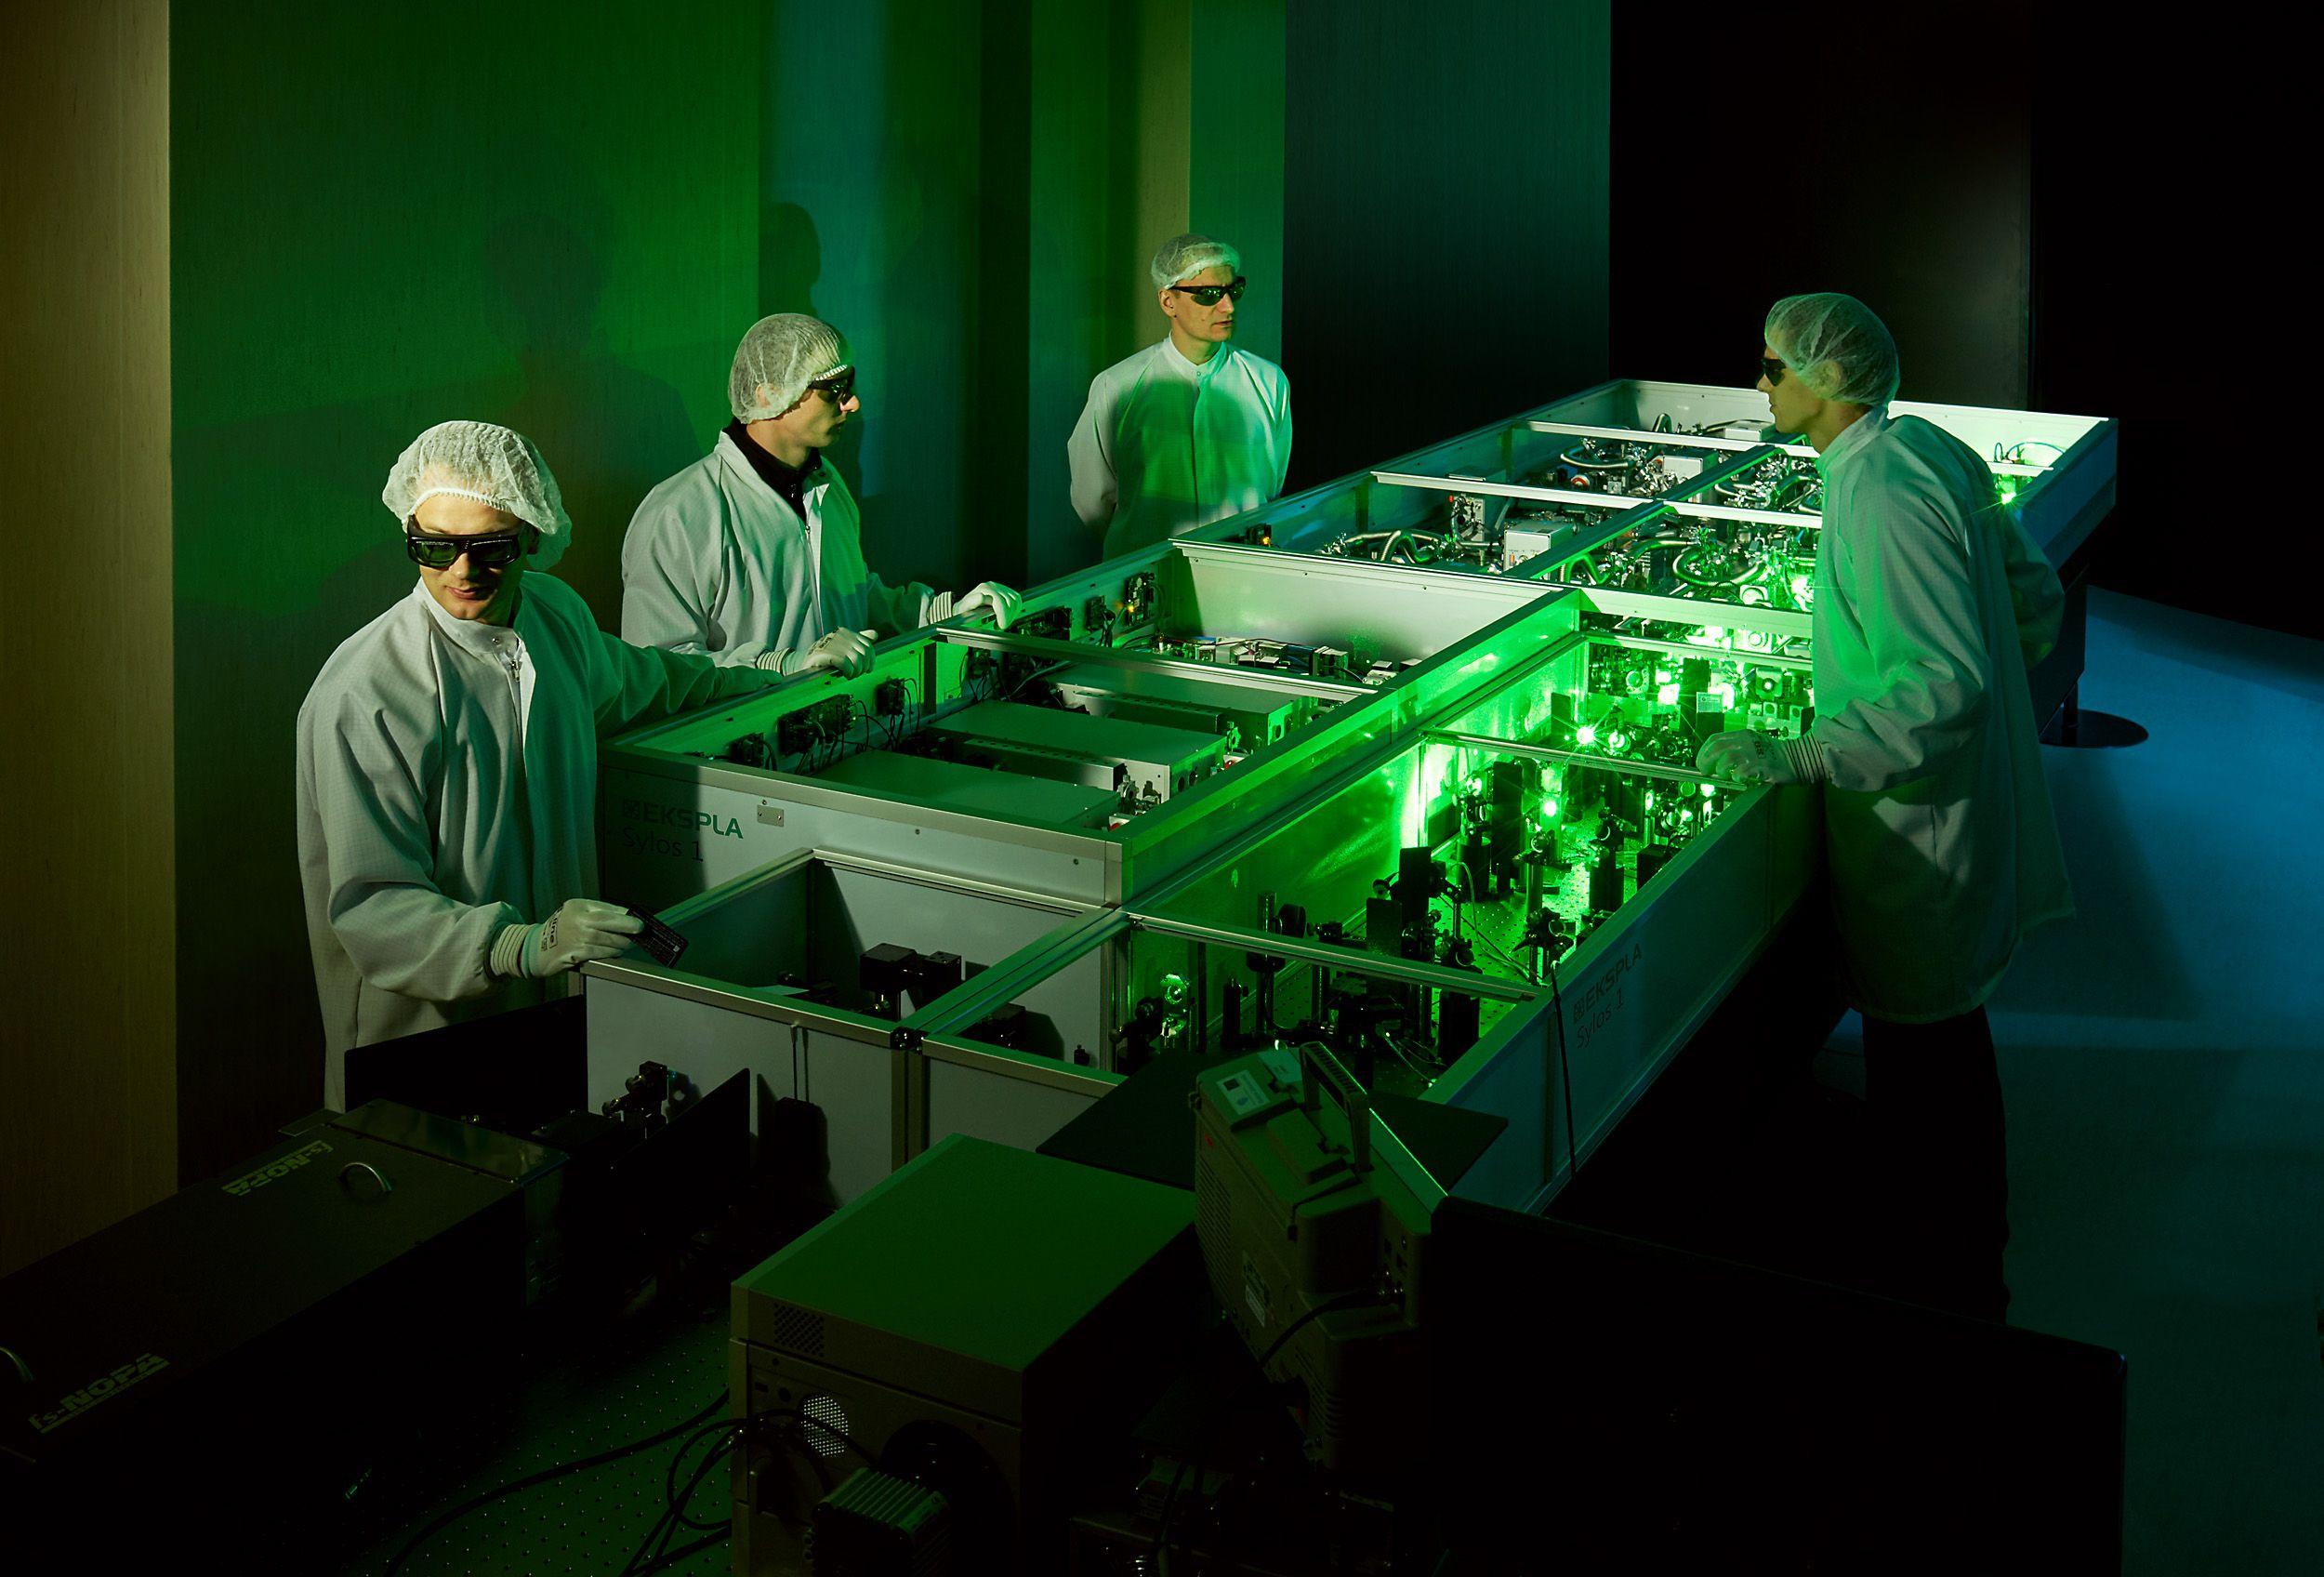 �Saul�tekio sl�nis� kuria inovatyvios pramon�s sistem�